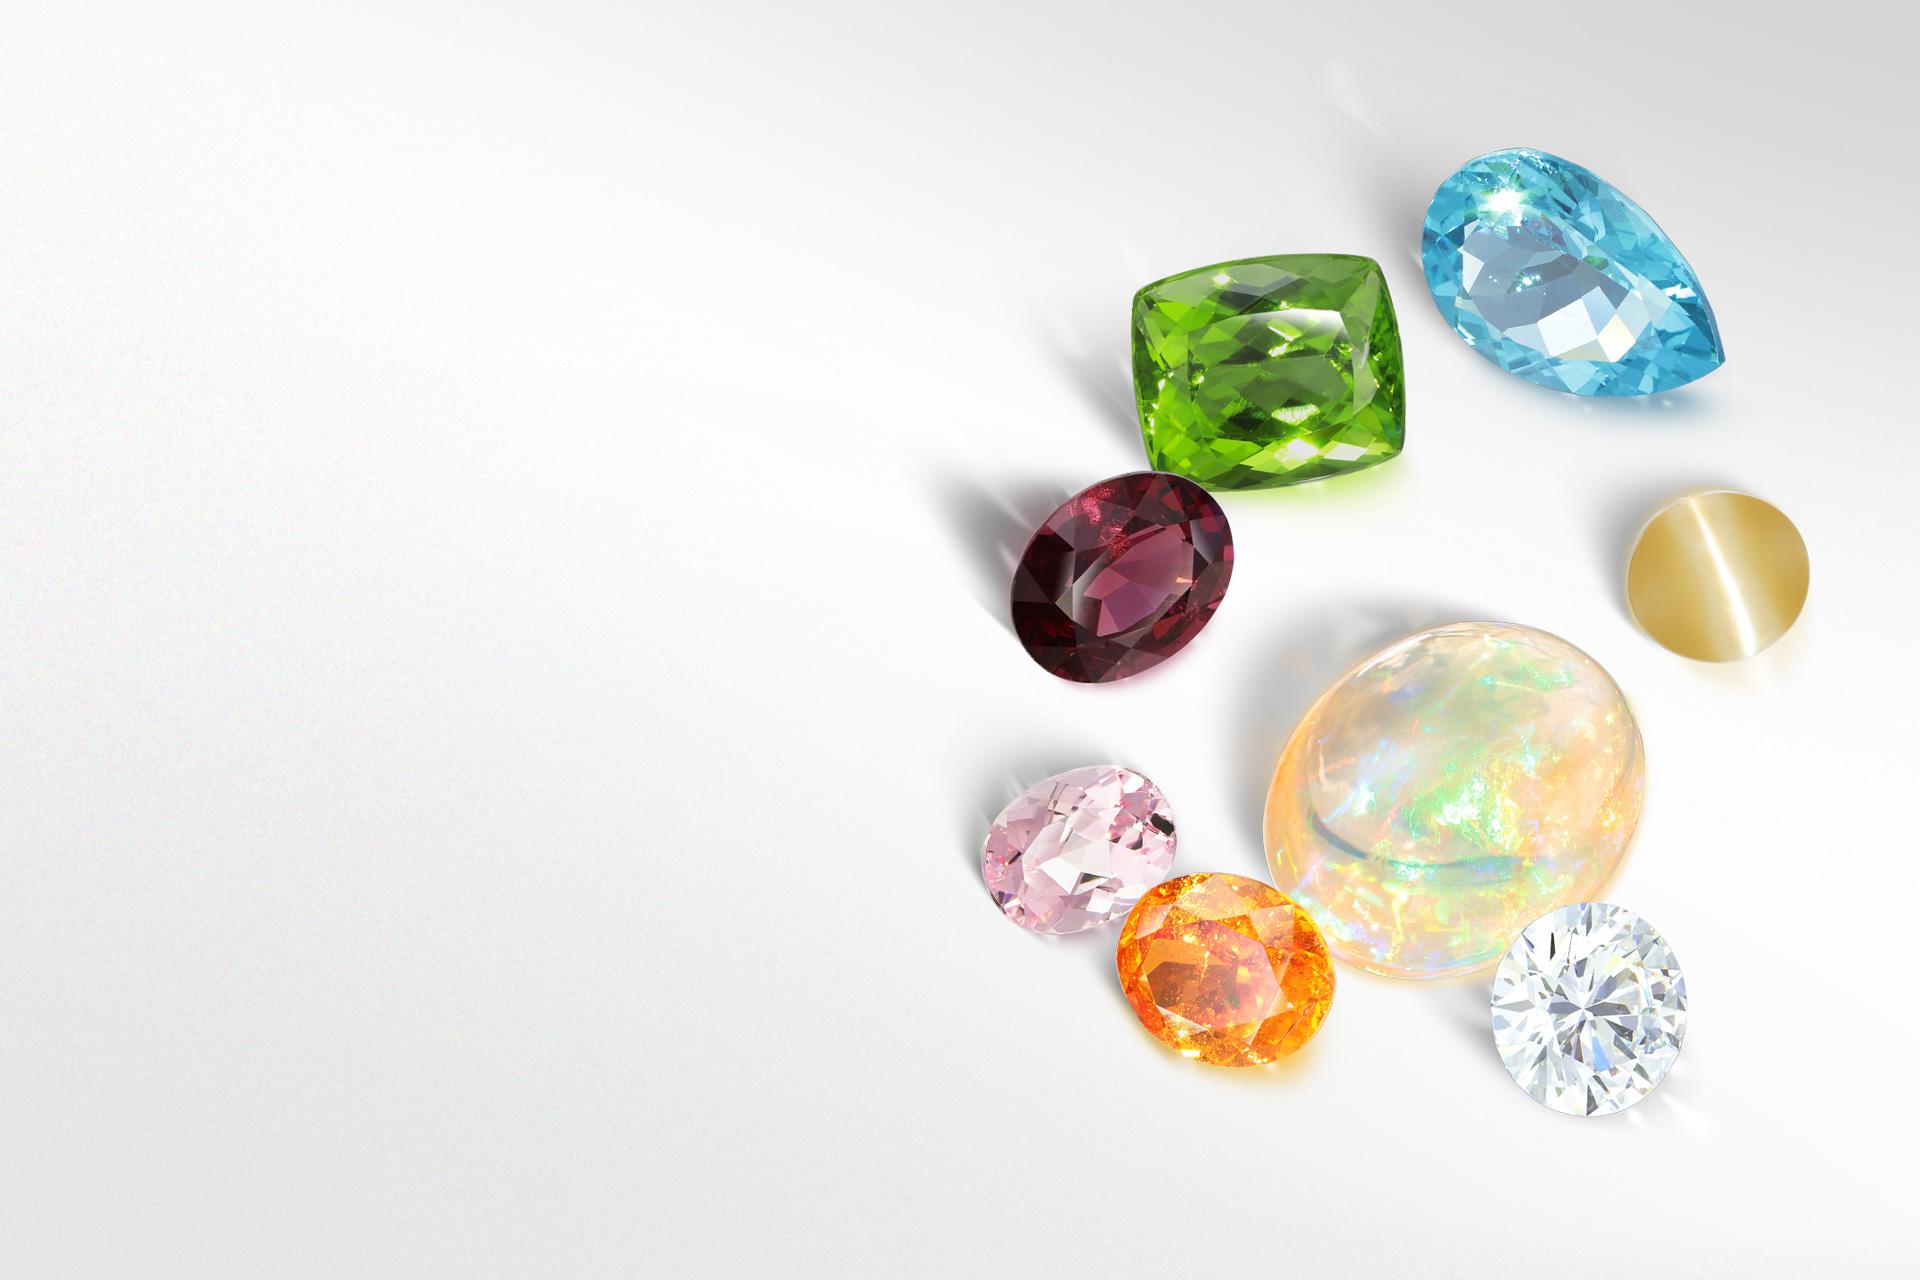 ペリドット、ベリル、ウォーターオパール、アパタイト、ガーネット、キャッツアイ、ロードライト、ダイヤモンドの全てが選び抜かれた宝石です。